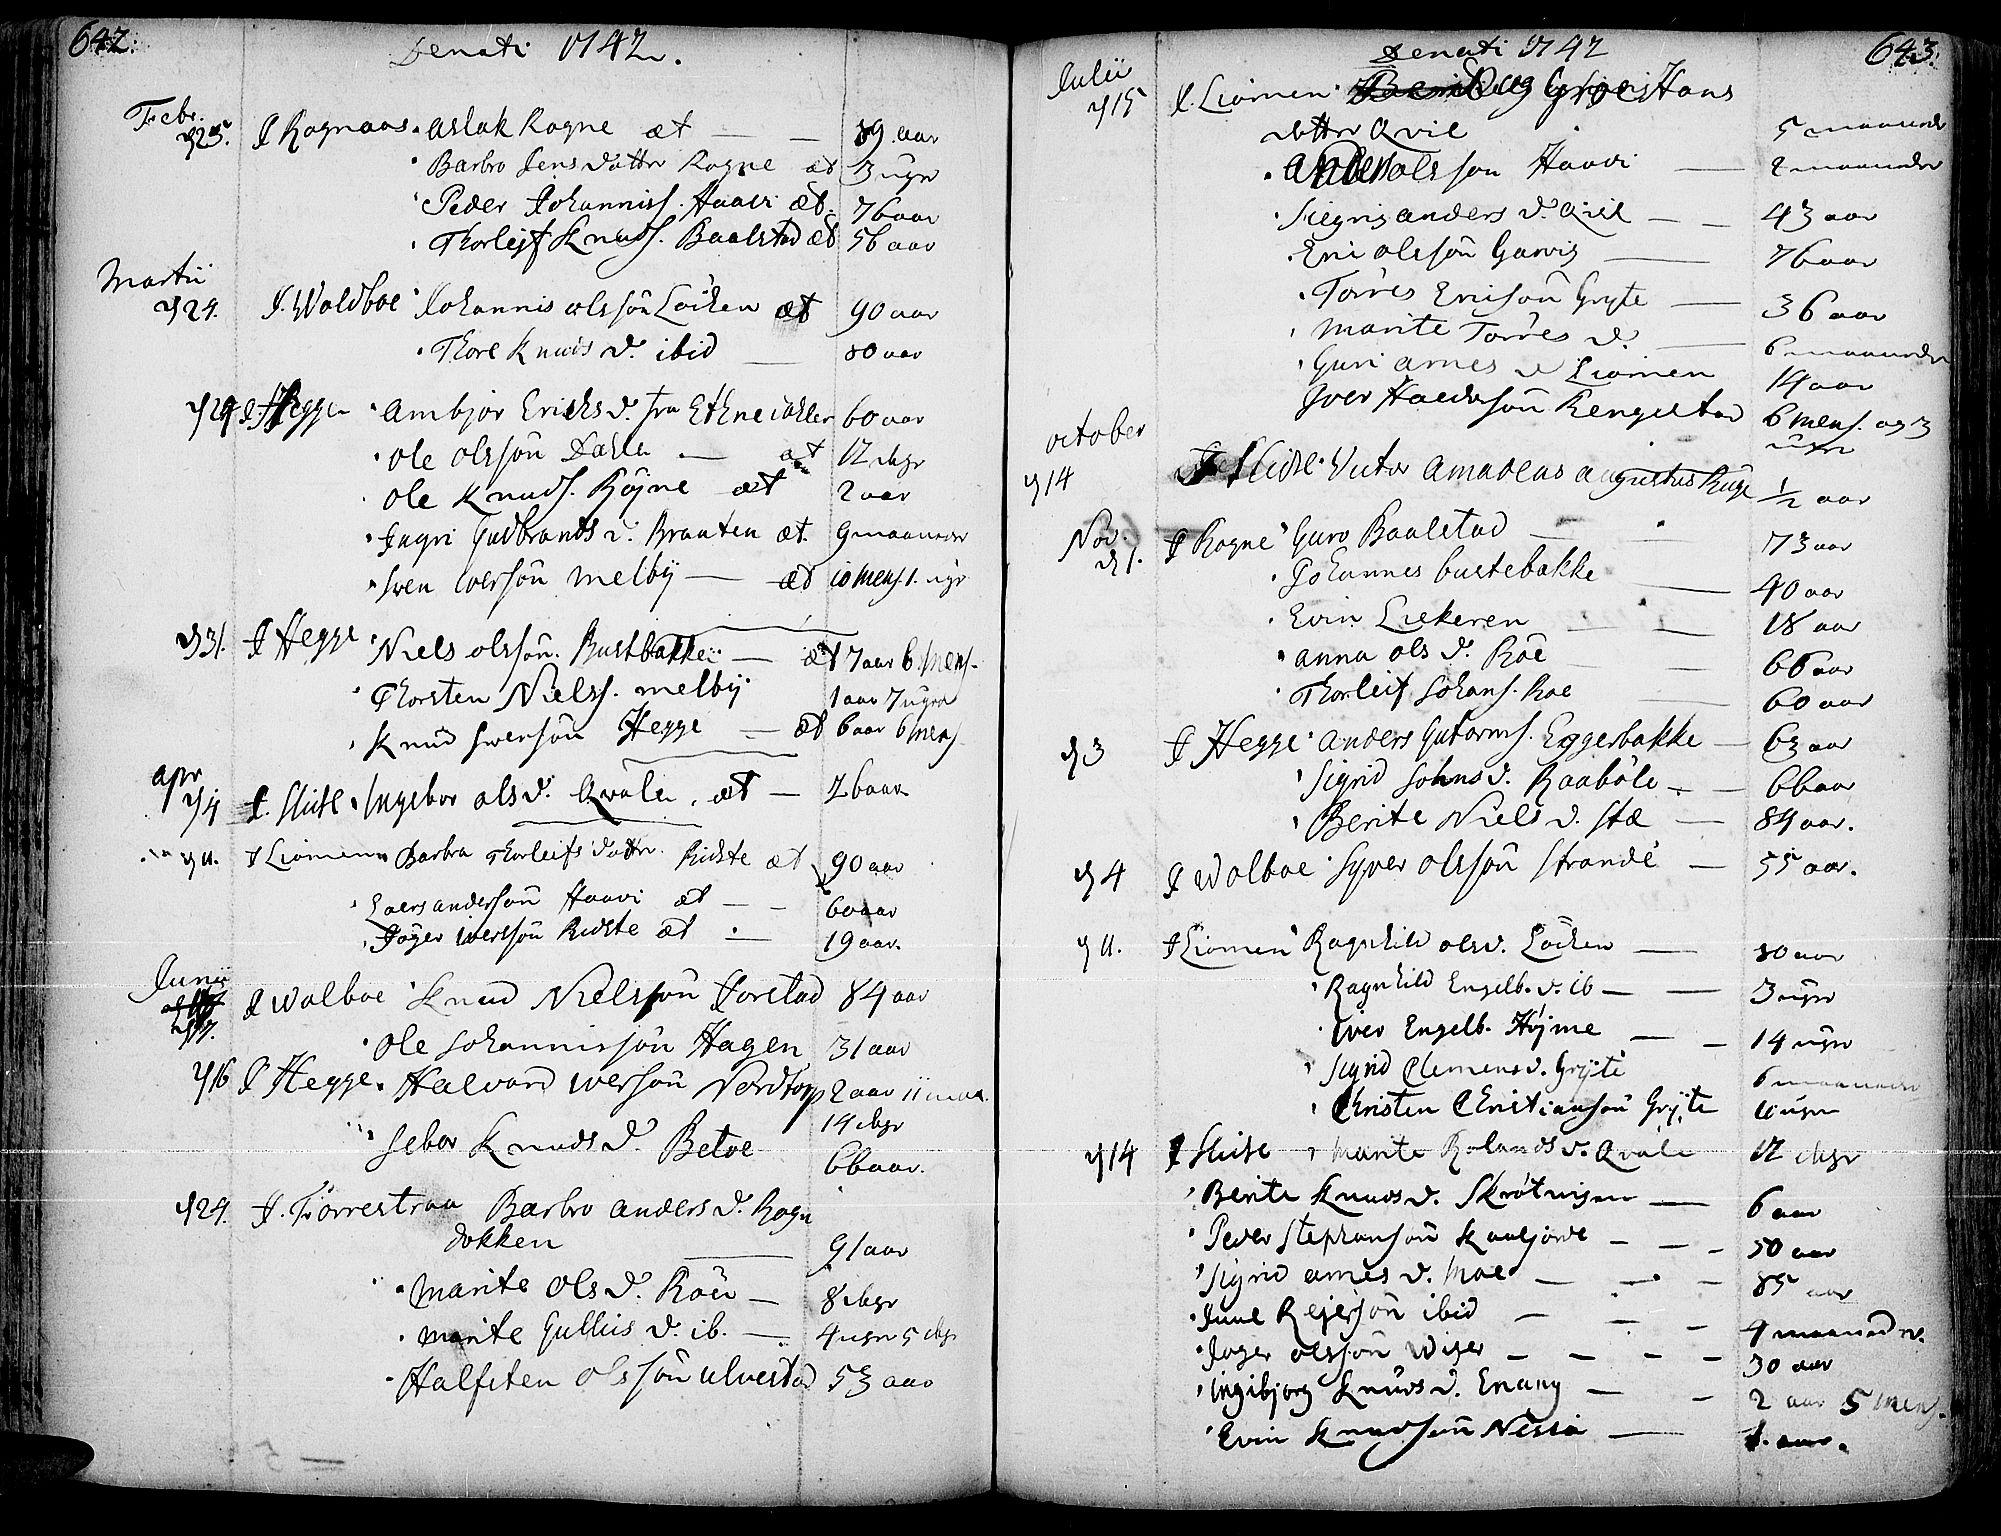 SAH, Slidre prestekontor, Ministerialbok nr. 1, 1724-1814, s. 642-643